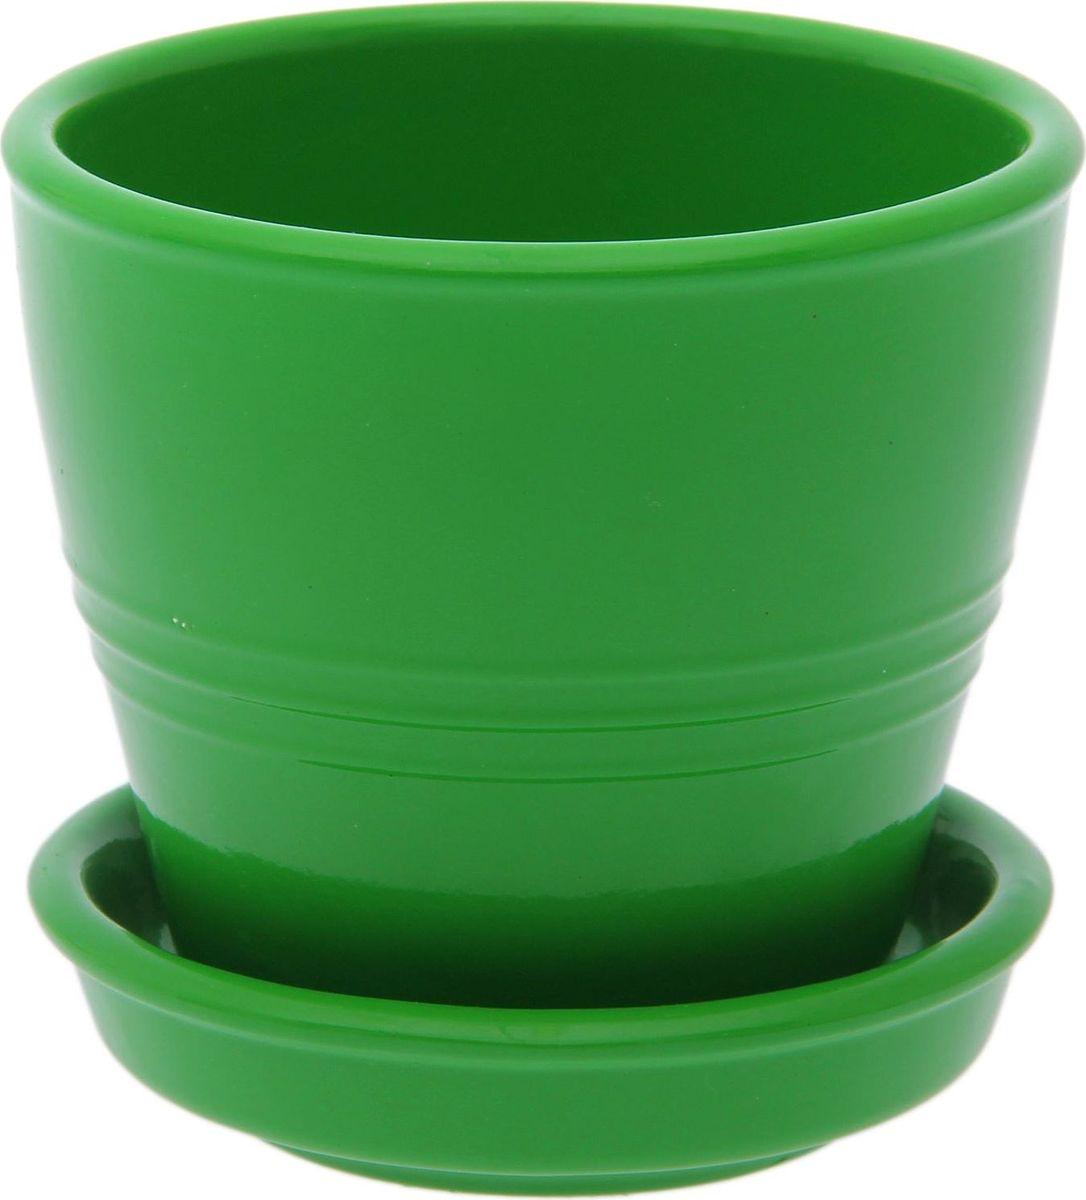 Кашпо Керамика ручной работы Ведро, цвет: зеленый, 0,23 л1494738Комнатные растения — всеобщие любимцы. Они радуют глаз, насыщают помещение кислородом и украшают пространство. Каждому из них необходим свой удобный и красивый дом. Кашпо из керамики прекрасно подходят для высадки растений: за счёт пластичности глины и разных способов обработки существует великое множество форм и дизайновпористый материал позволяет испаряться лишней влагевоздух, необходимый для дыхания корней, проникает сквозь керамические стенки! #name# позаботится о зелёном питомце, освежит интерьер и подчеркнёт его стиль.